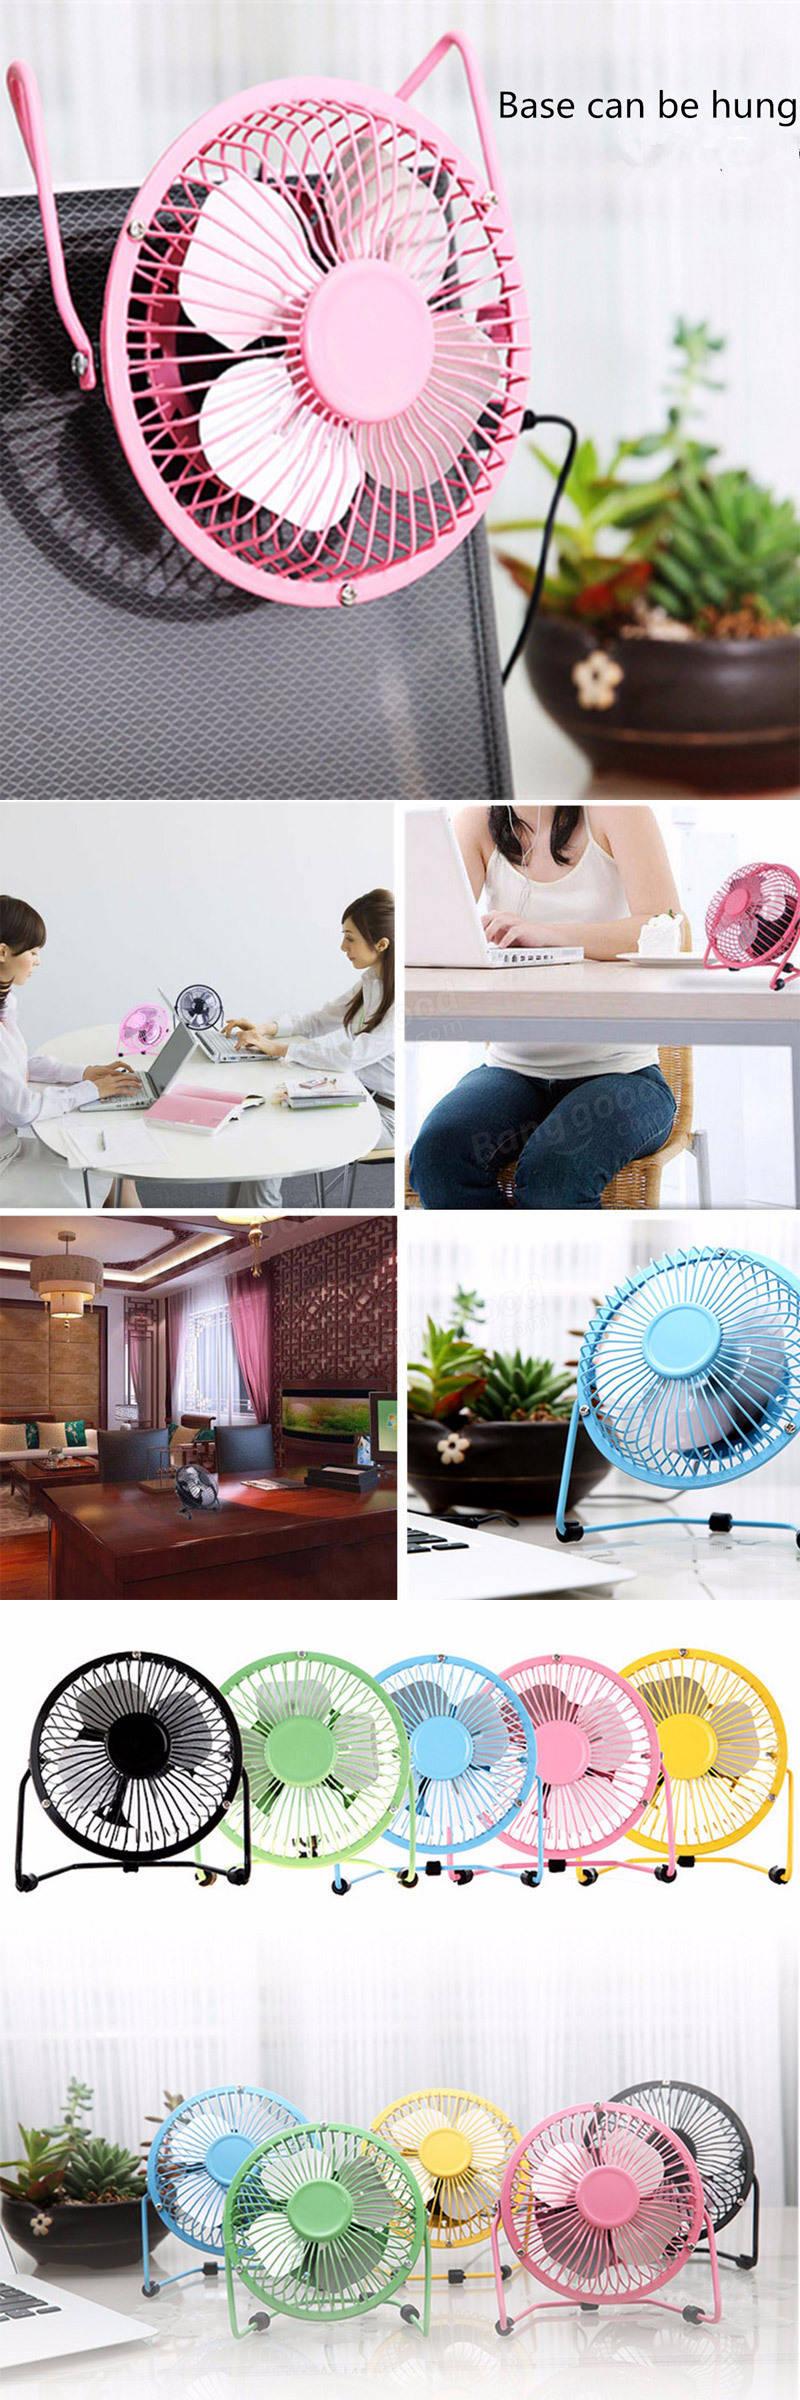 4 นิ้ว 360 องศาปรับโลหะสีดำมินิ USB ฤดูร้อน Cool Cooling Fan สีเลือกใช้สำหรับเดสก์ท็อป